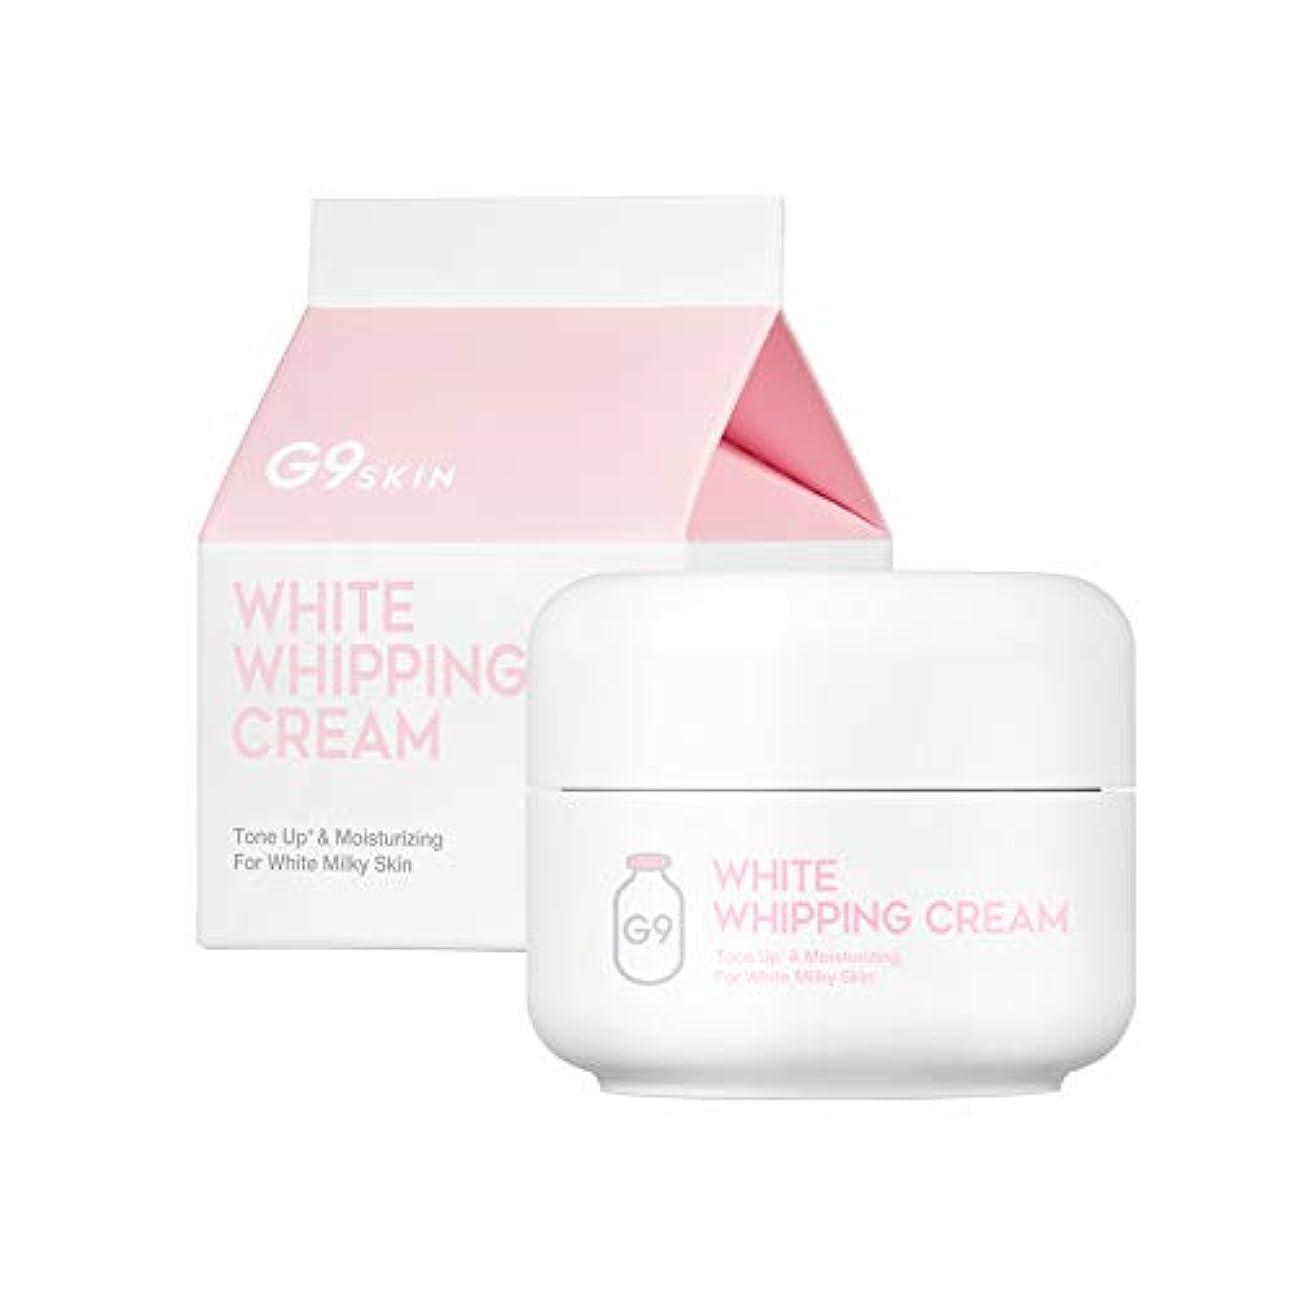 あそこ確かめるいらいらさせる[ジナインスキン] G9SKIN ジーナイン スキン ホワイト フイッピング クリーム (G9 Skin White Whipping Cream) [海外直送品] [並行輸入品]